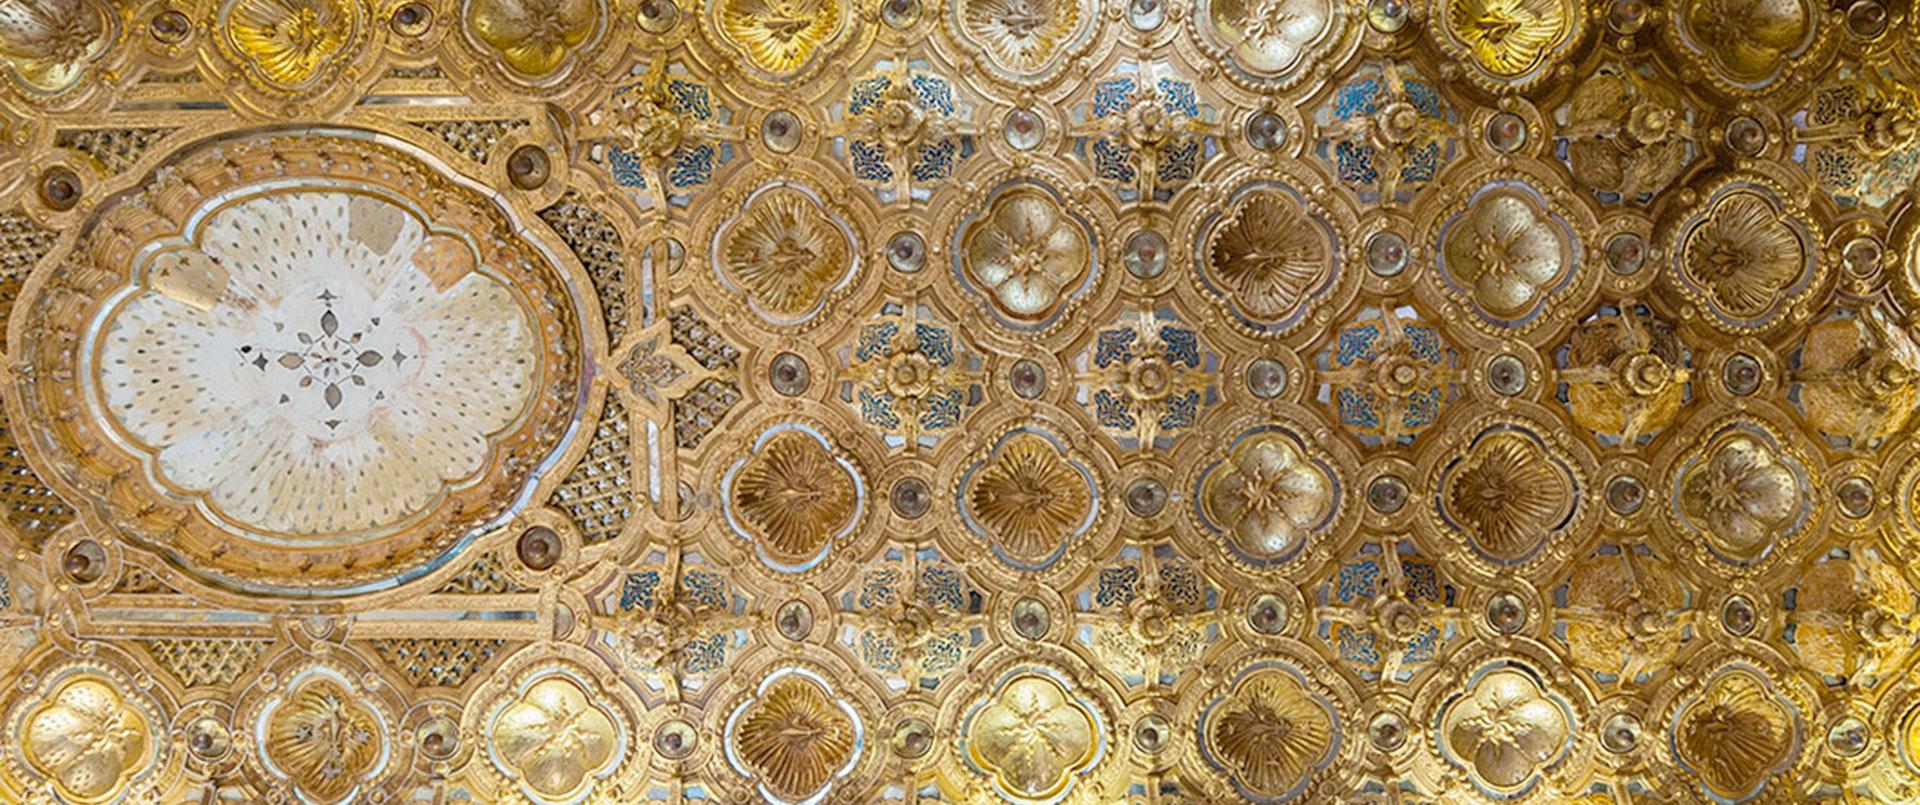 La Galleria Dorata, così detta per il soffitto in pastiglia dorata